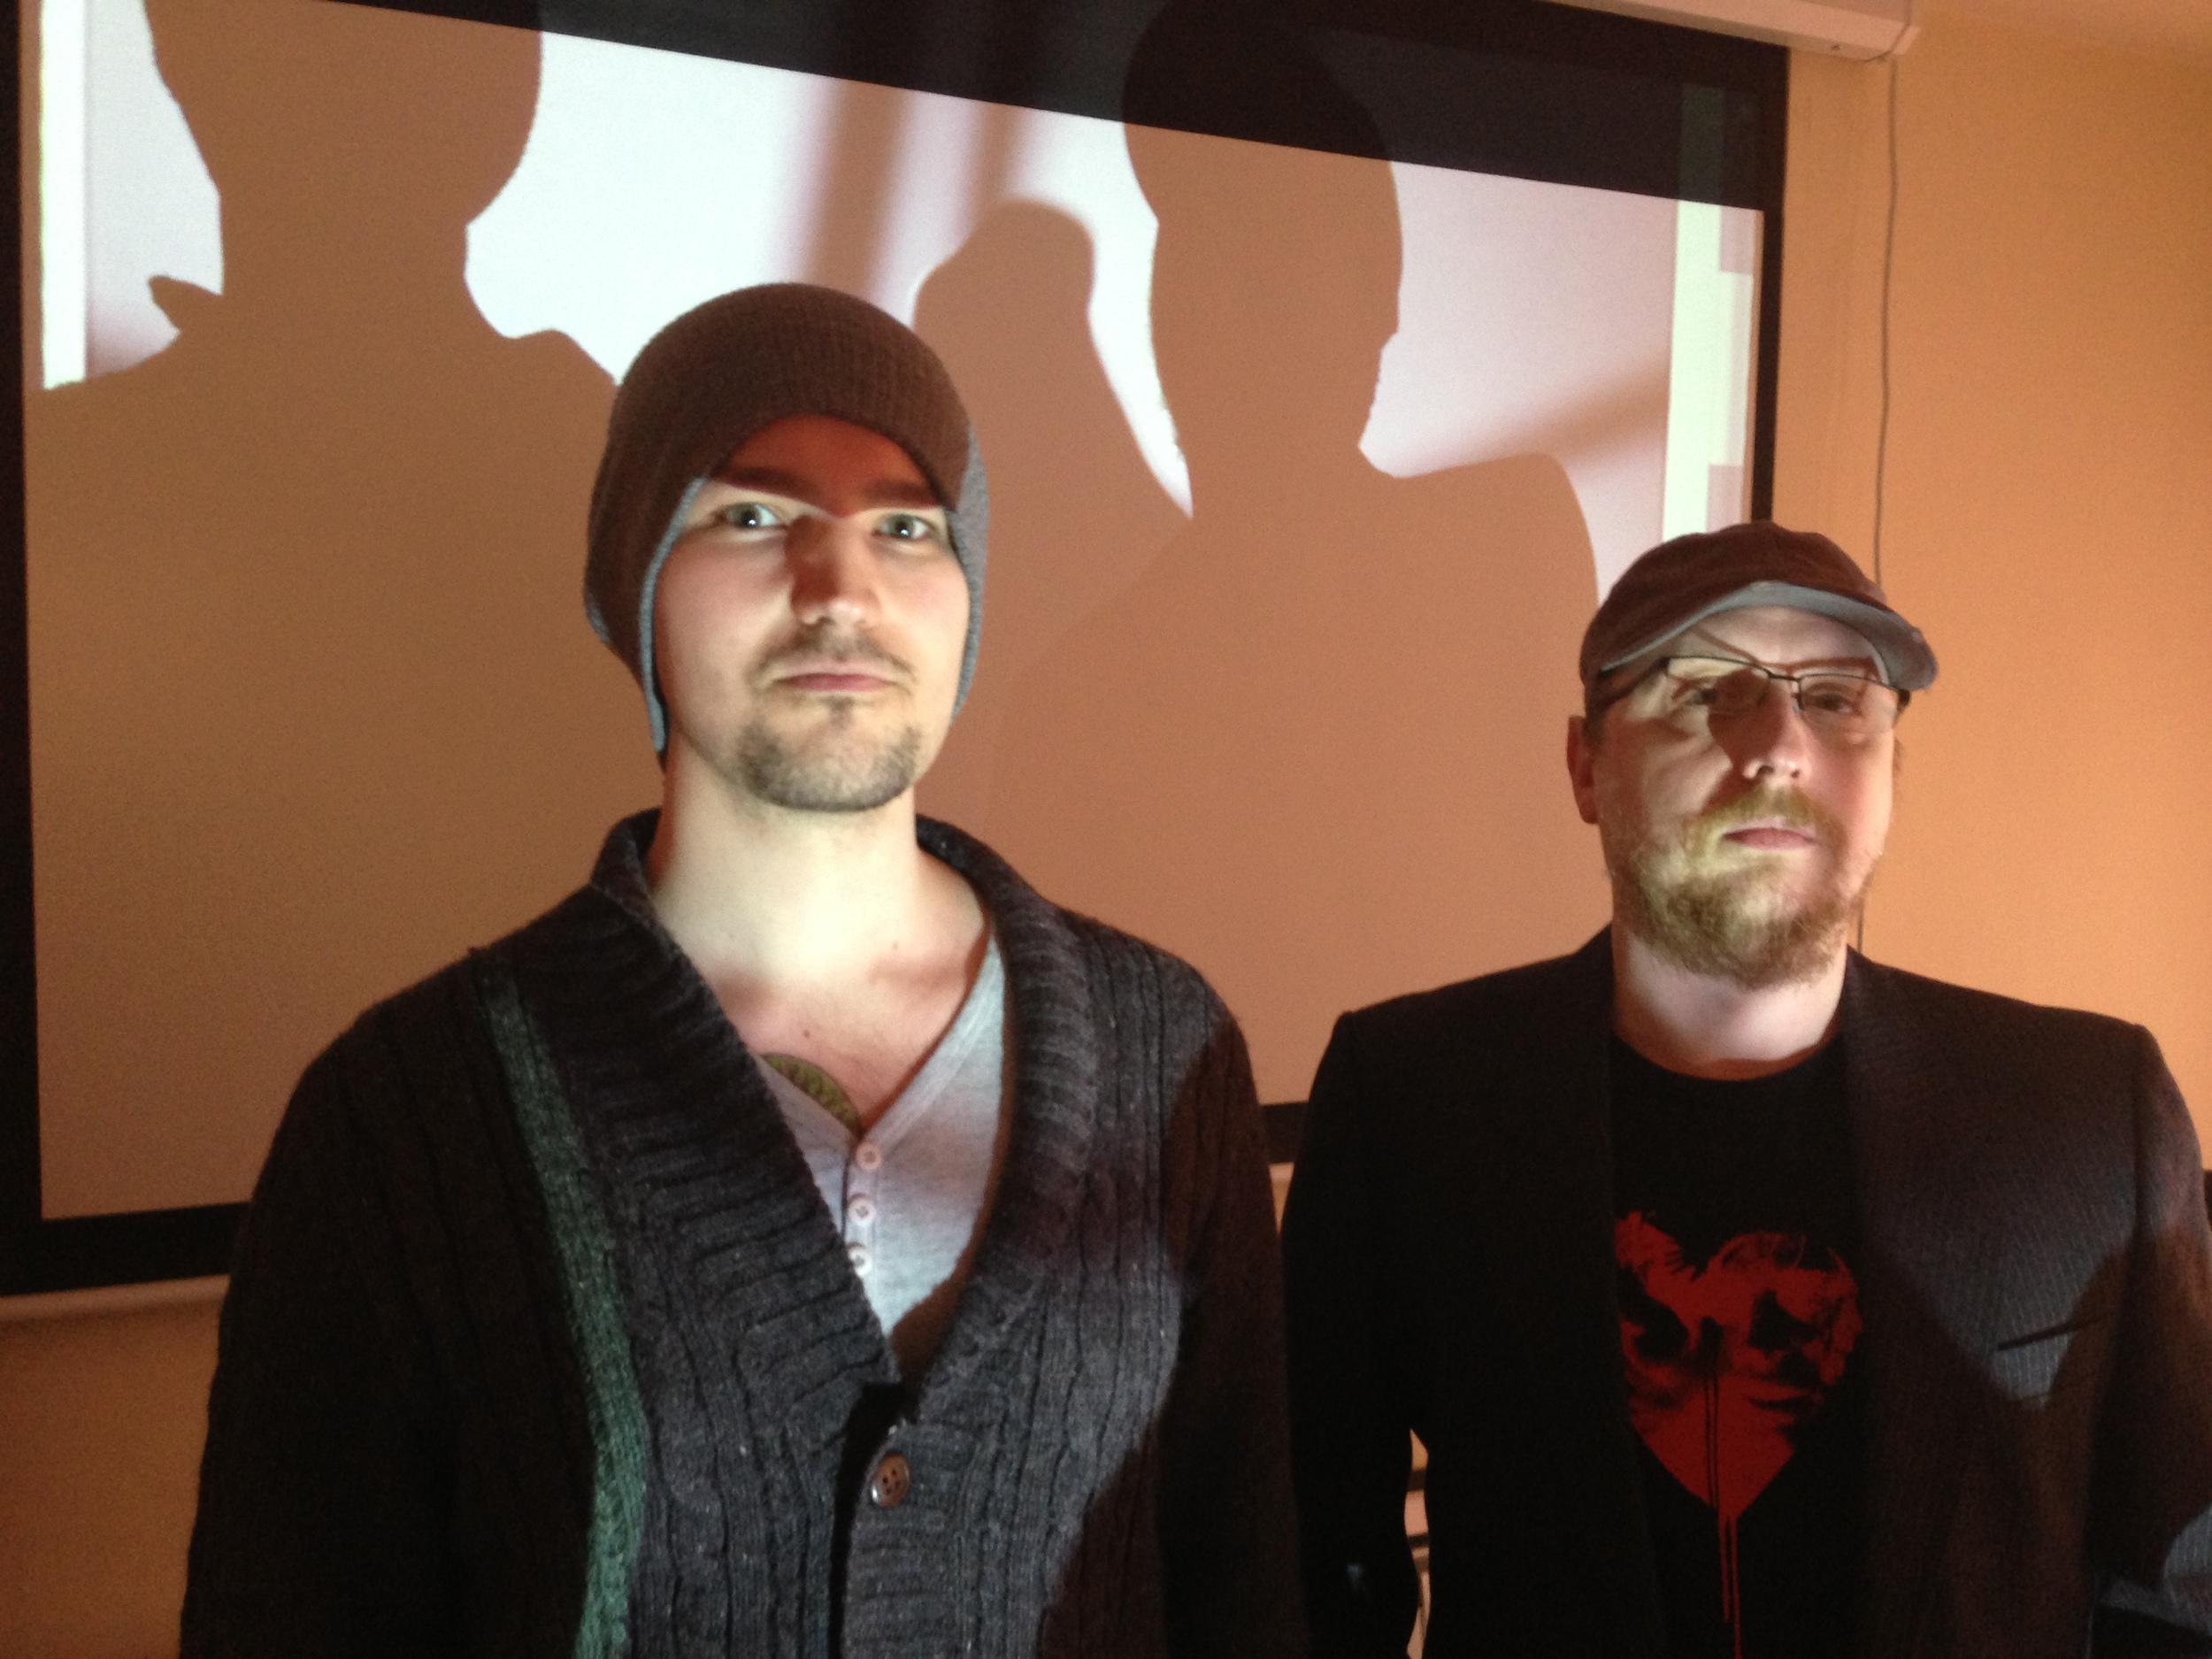 Matt Green & Stuart Tonks, creators of It's Alive!